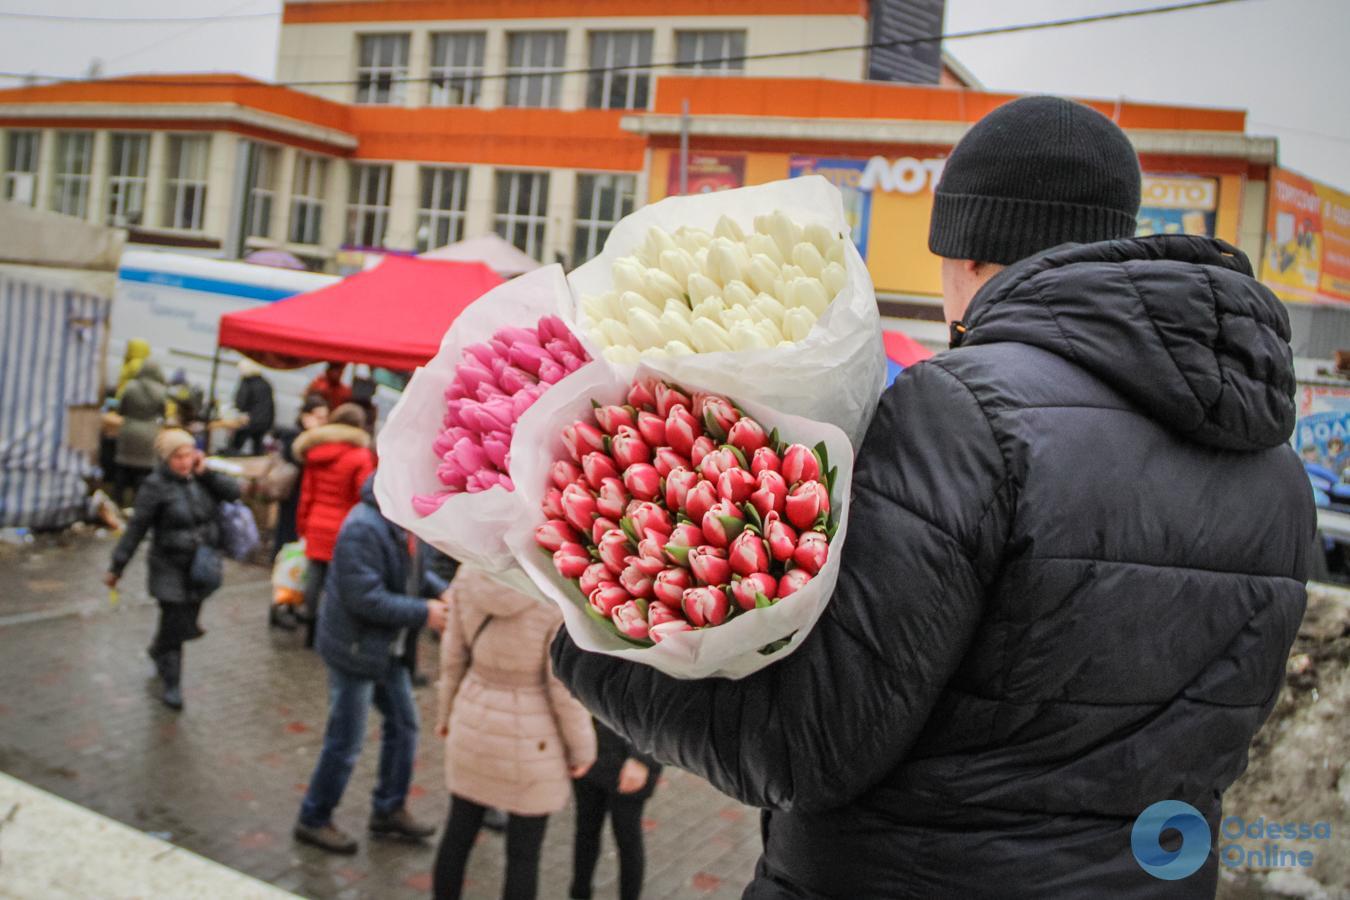 К празднику готов: одесситы с цветами спешат поздравить своих дам (фоторепортаж)